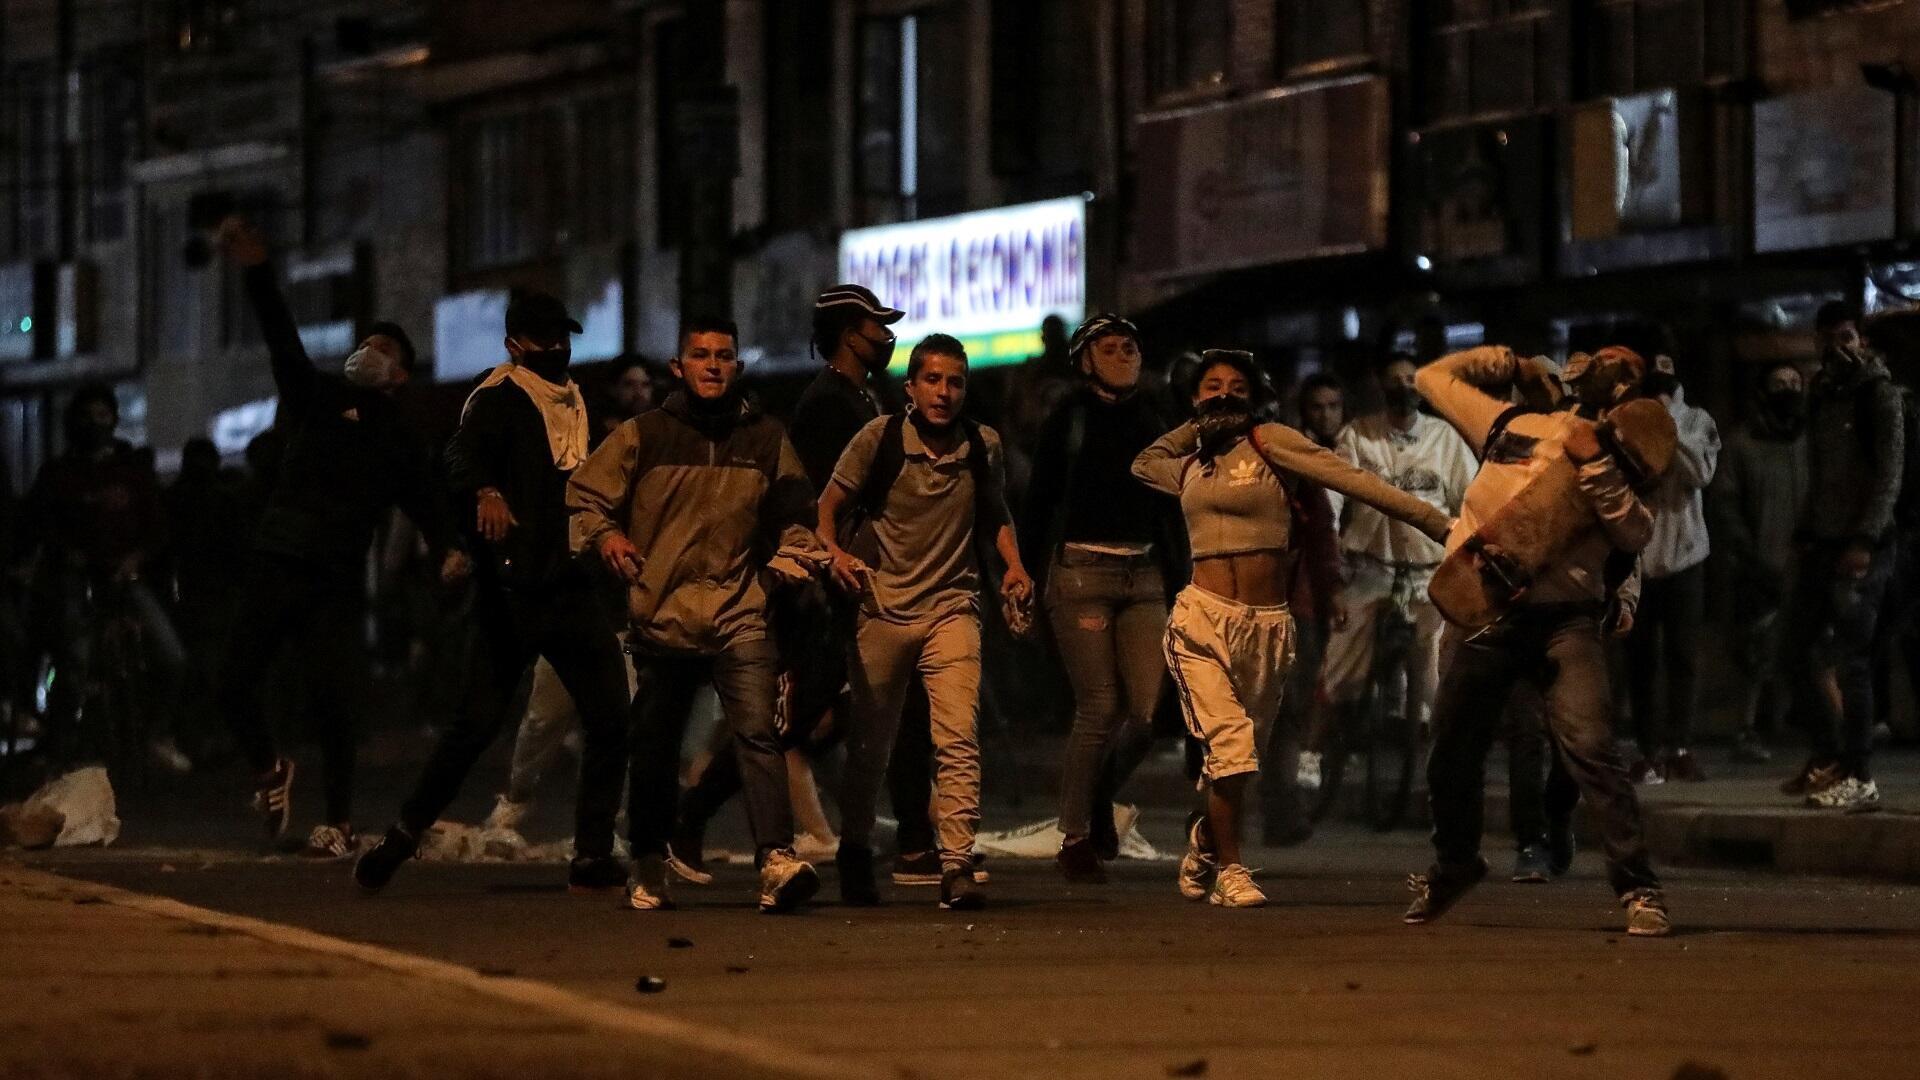 متظاهرون في العاصمة الكولومبية بوغوتا بعد وفاة رجل تم صعقه من قبل الشرطة، 10 سبتمبر/أيلول 2020.